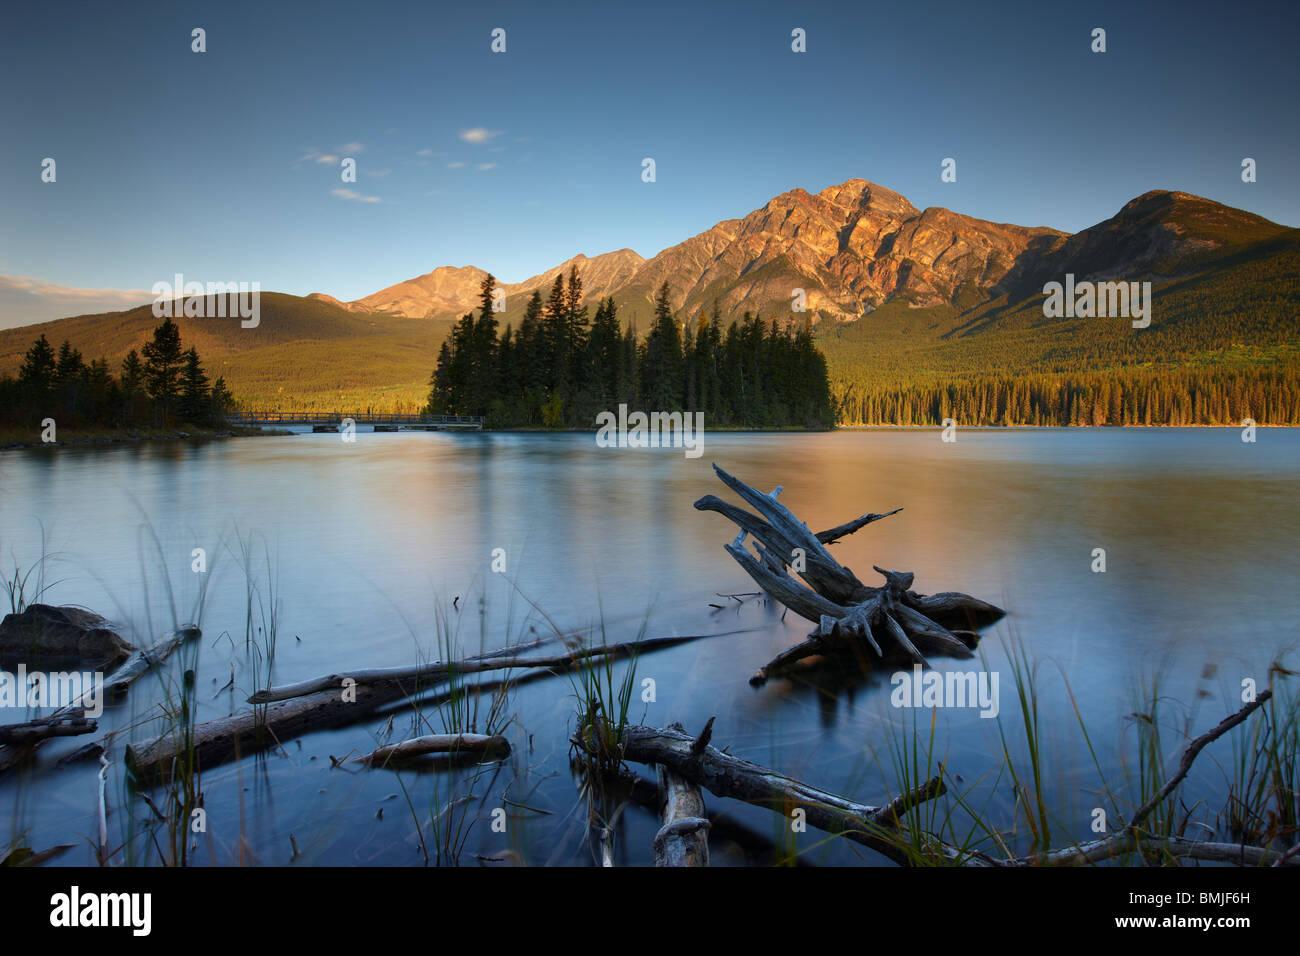 Piramide lago e montagna all'alba, il Parco Nazionale di Jasper, Alberta, Canada Immagini Stock